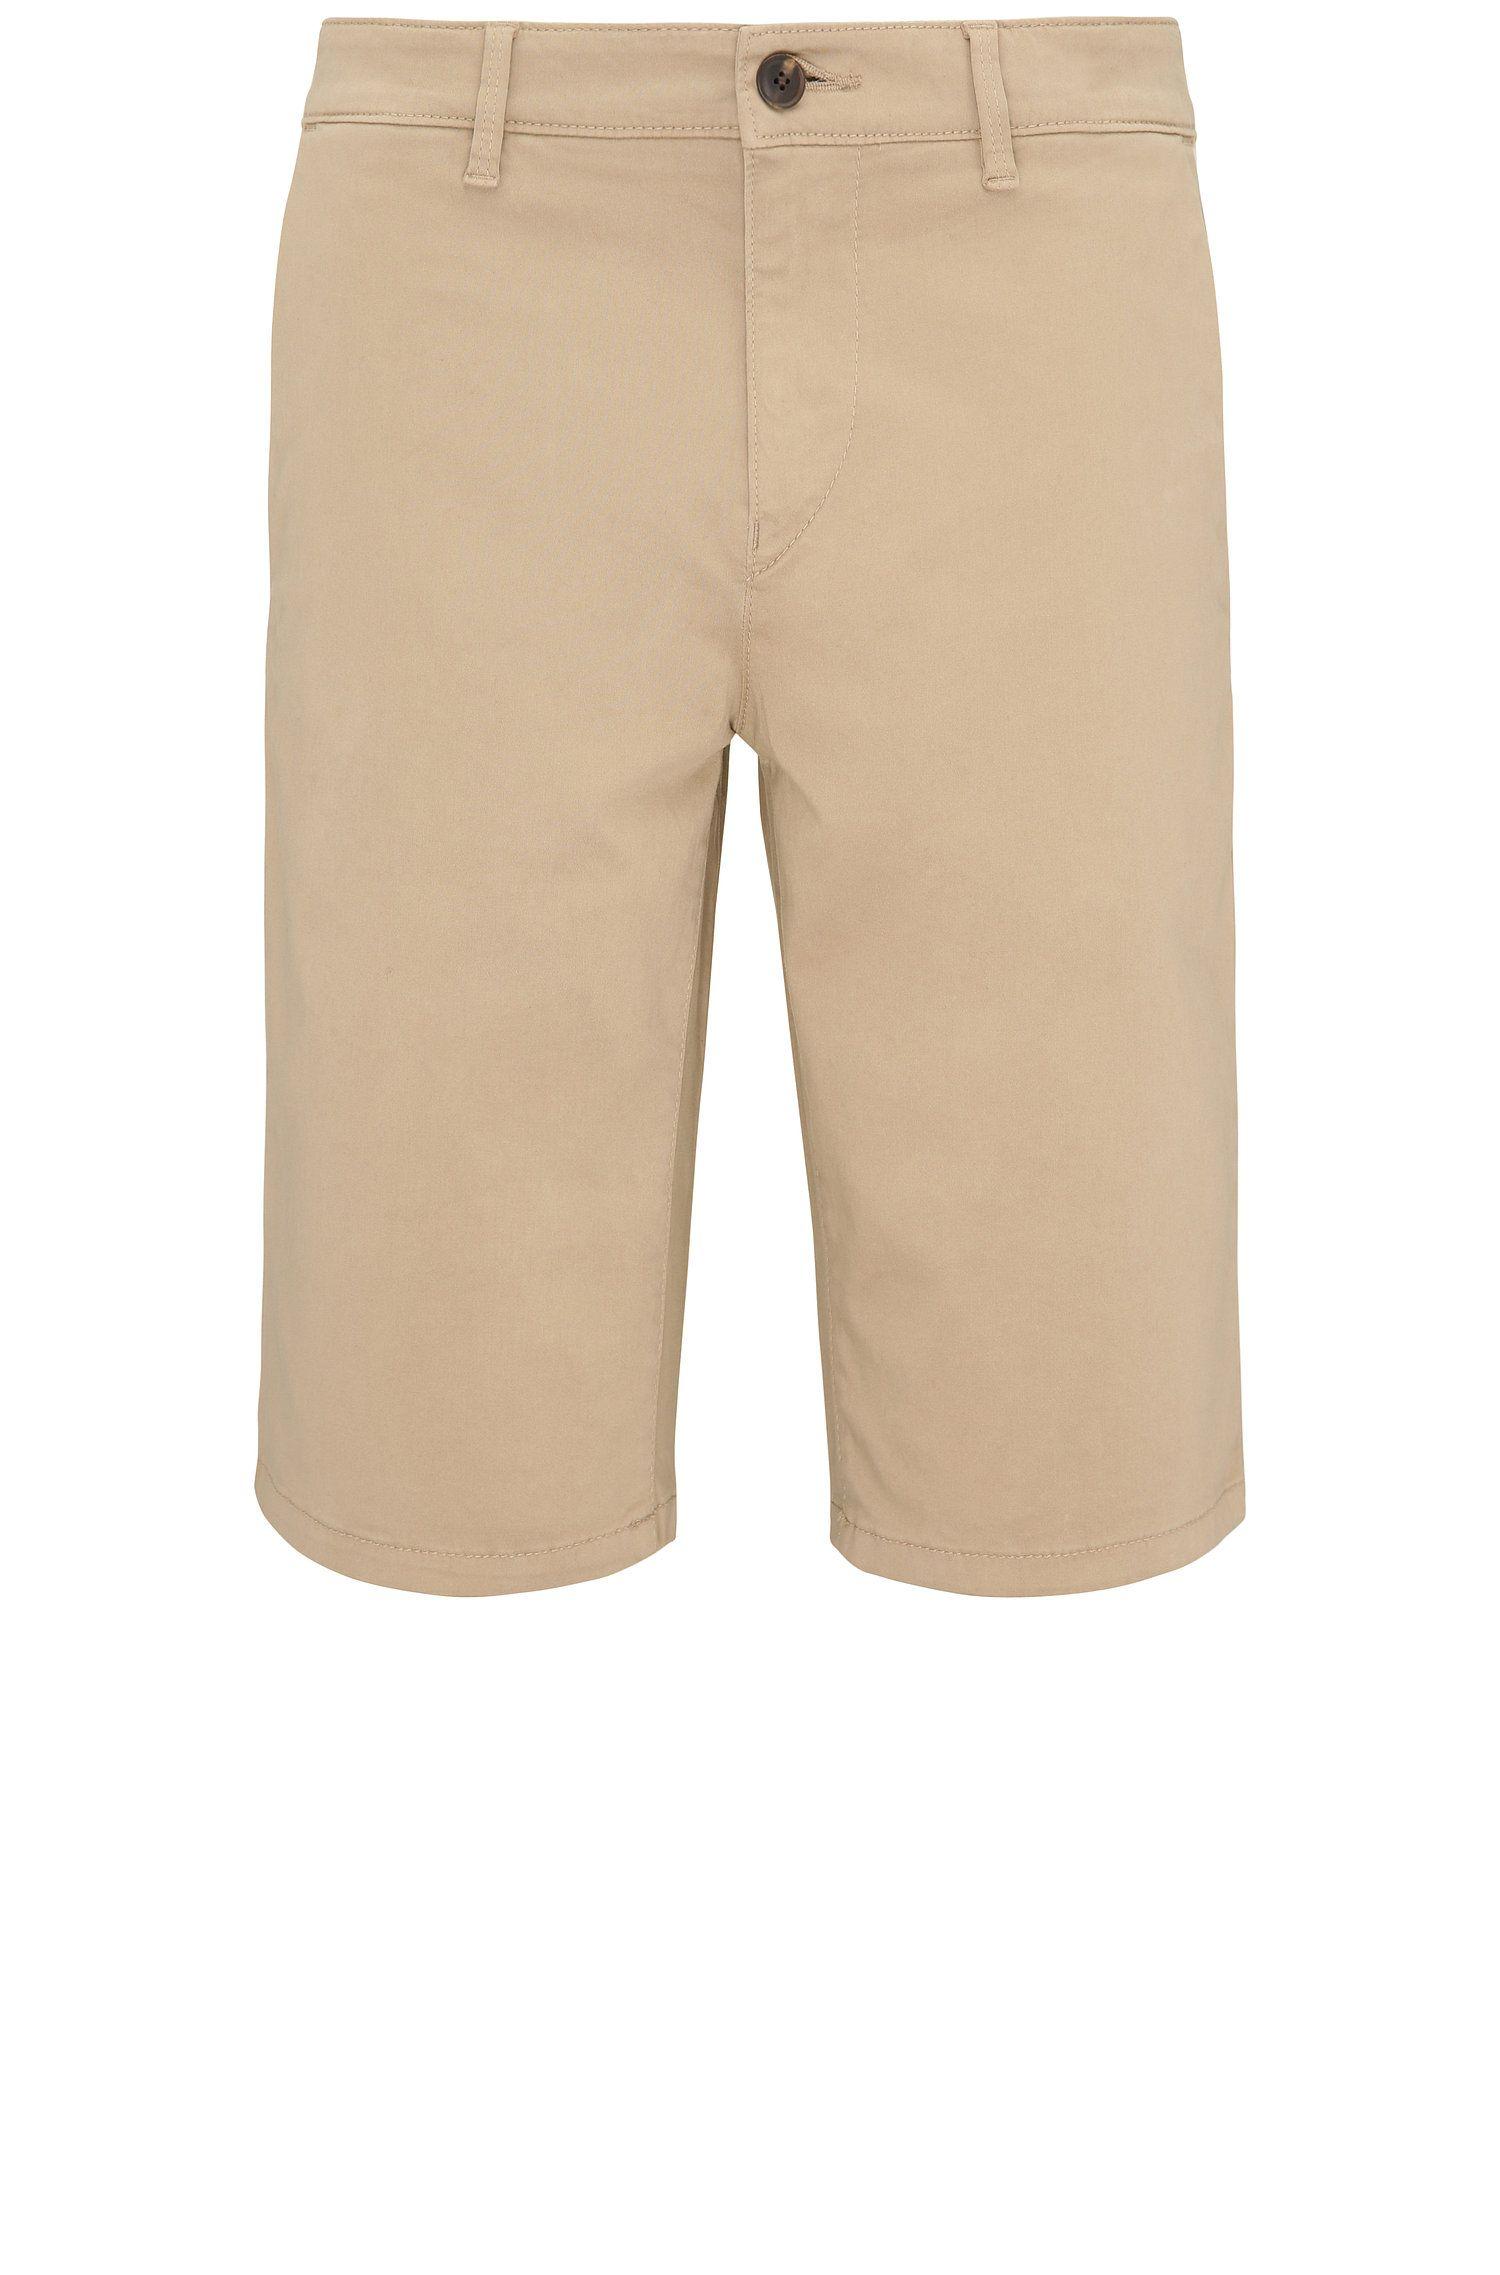 Shorts slim fit en algodón elástico en estilo chinos: 'Schino-Slim-Shorts-D'